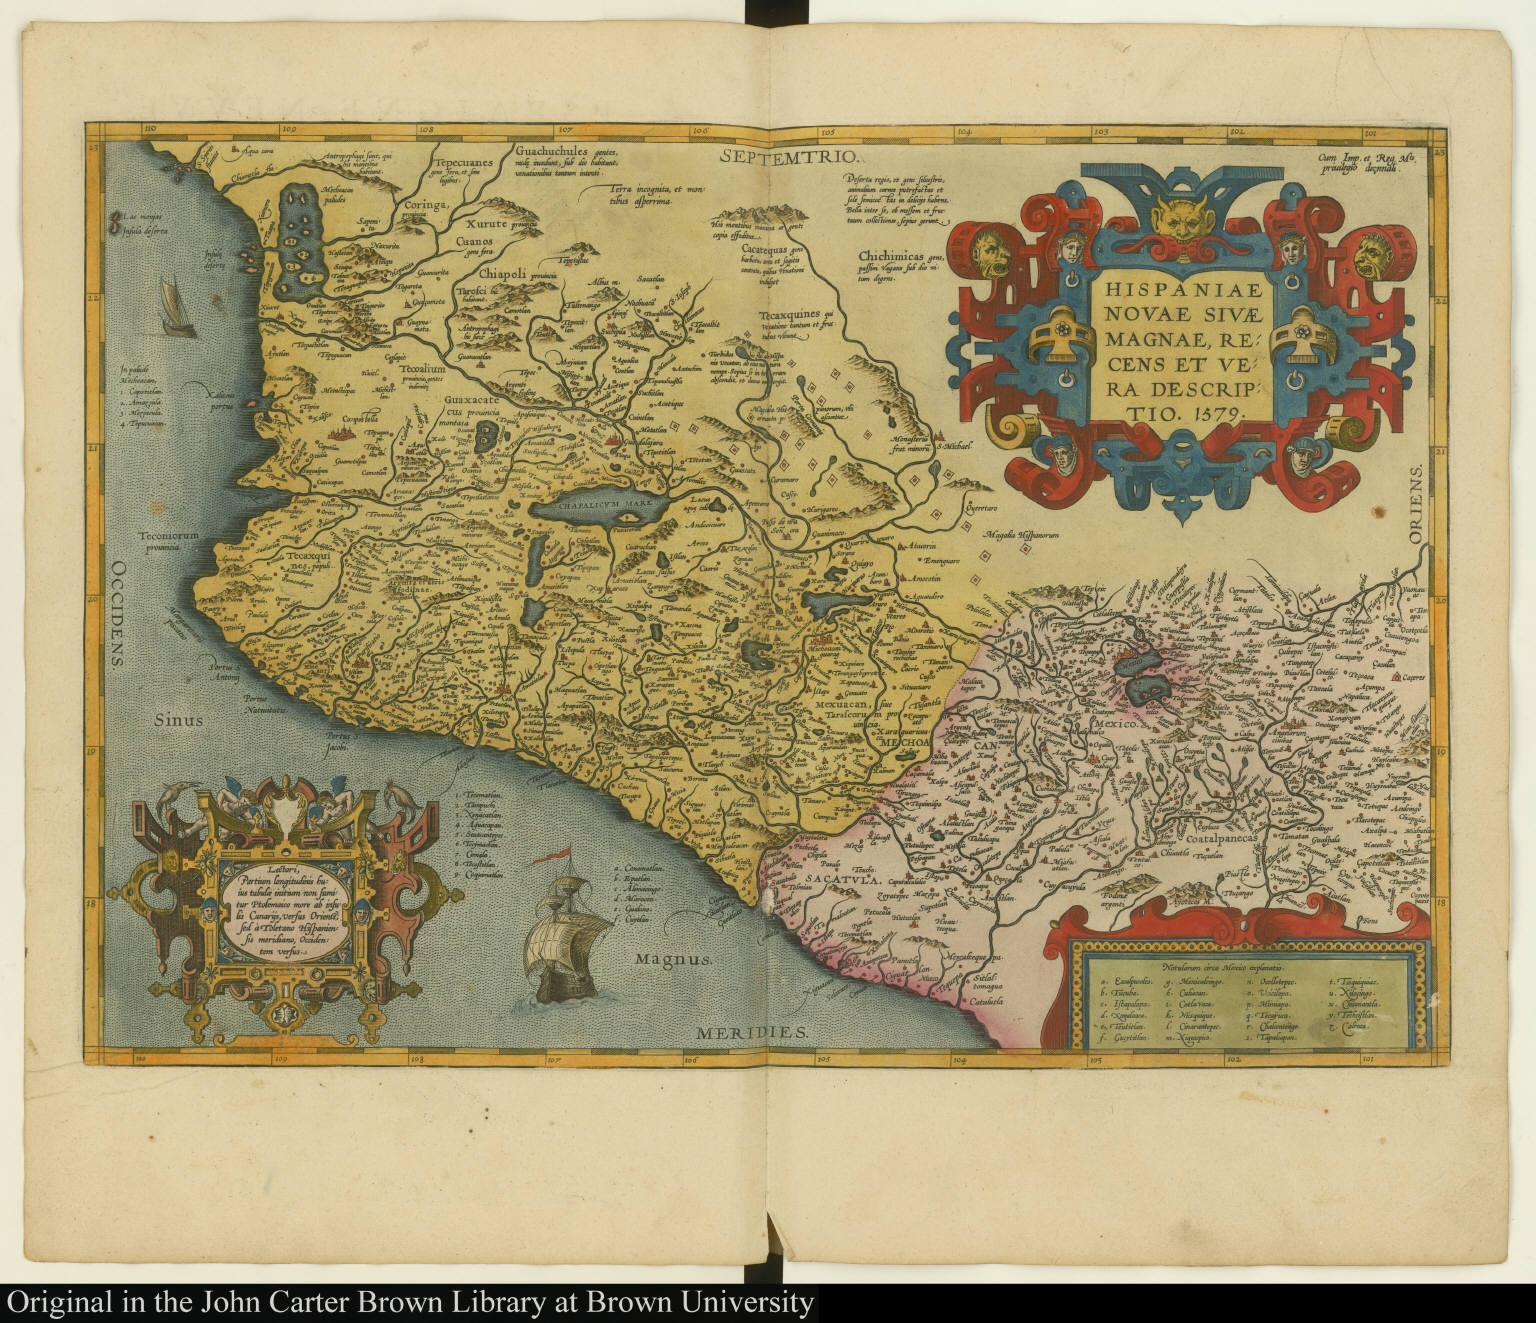 Hispaniae novae sivae magnae, recens et vera descriptio. 1579.